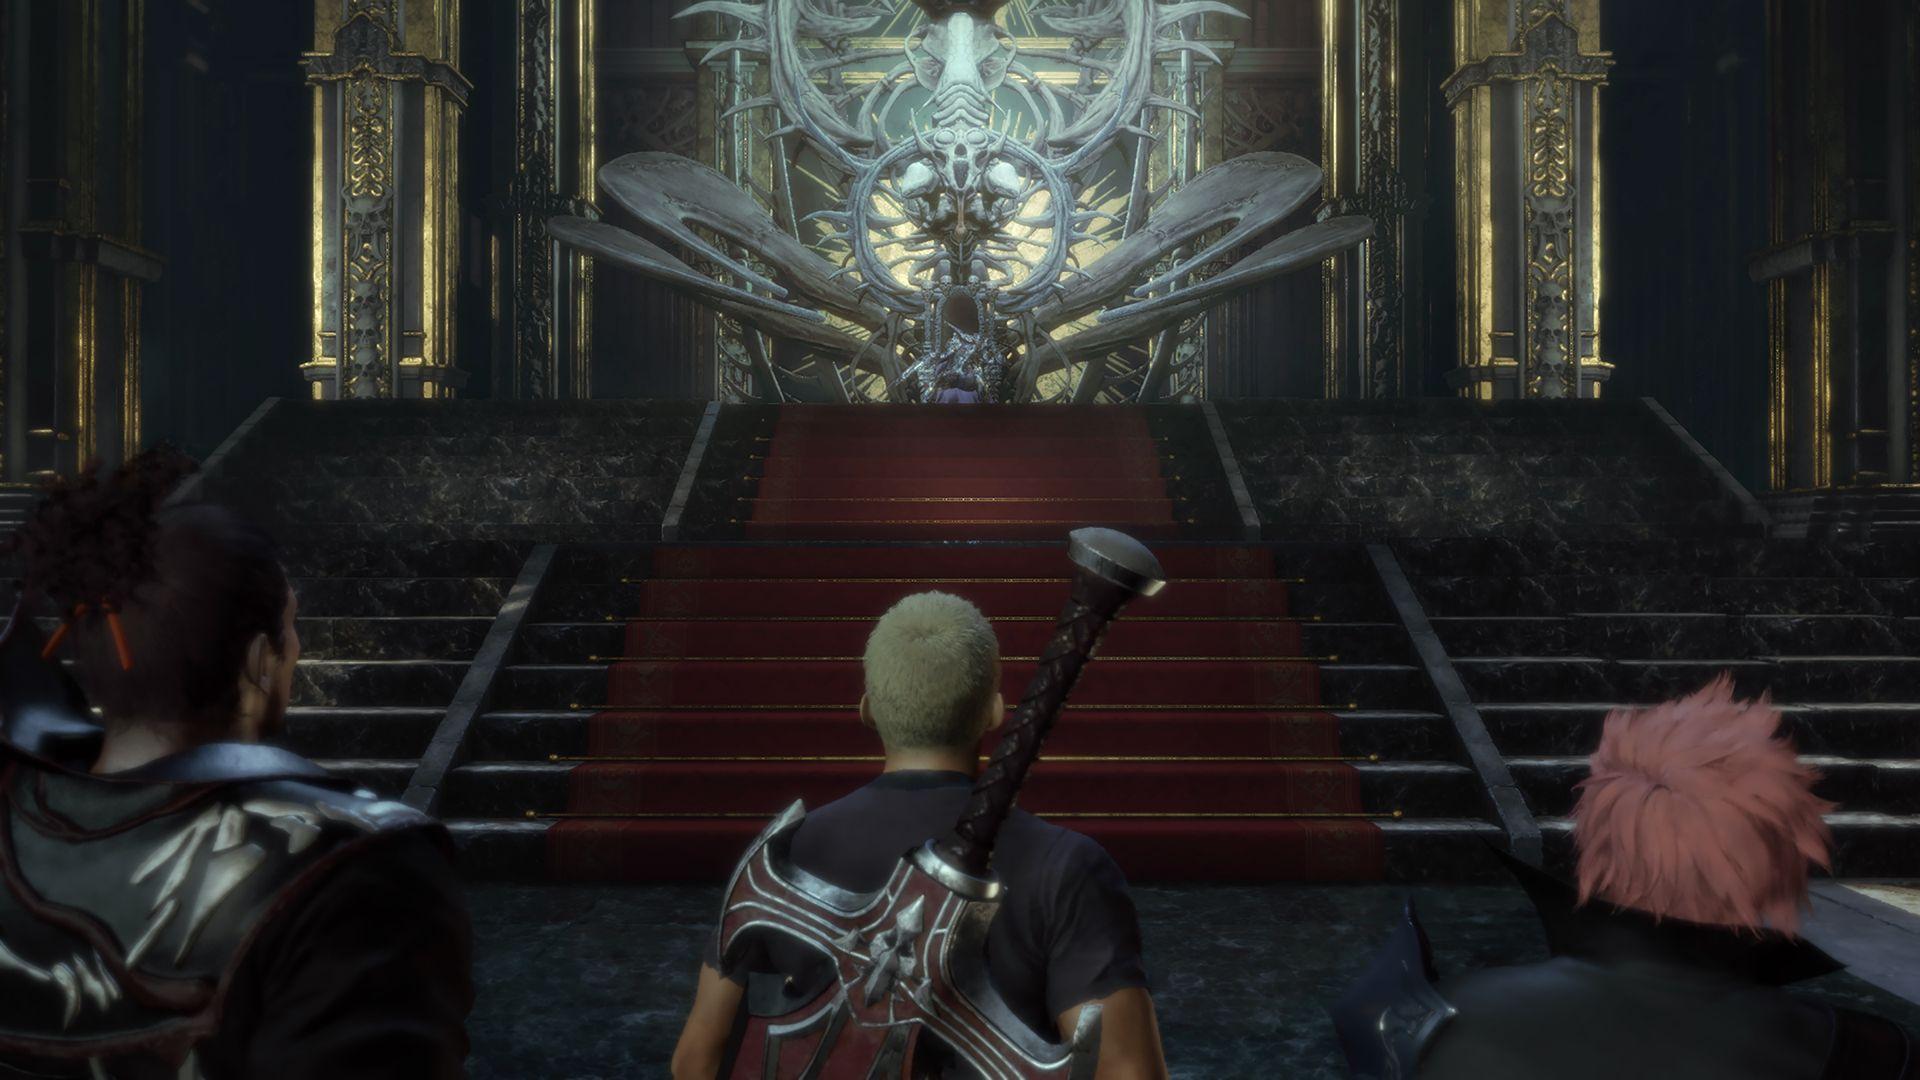 """神殿の玉座には、自らを""""カオスとなるもの""""と名乗る、鎧の男がいた"""